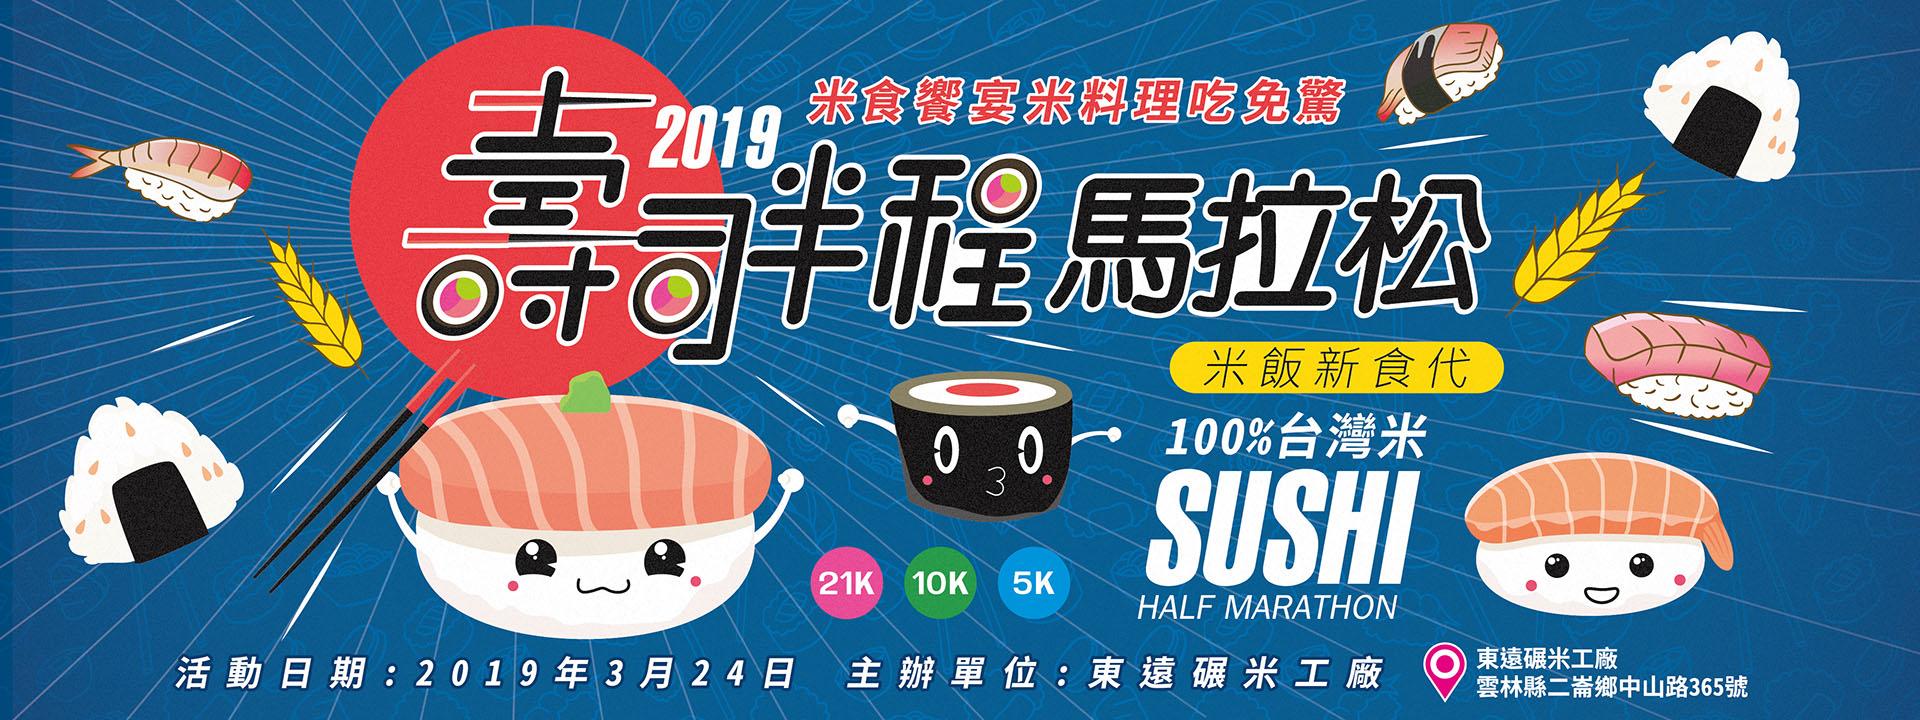 2019 壽司半程馬拉松-米飯新食代